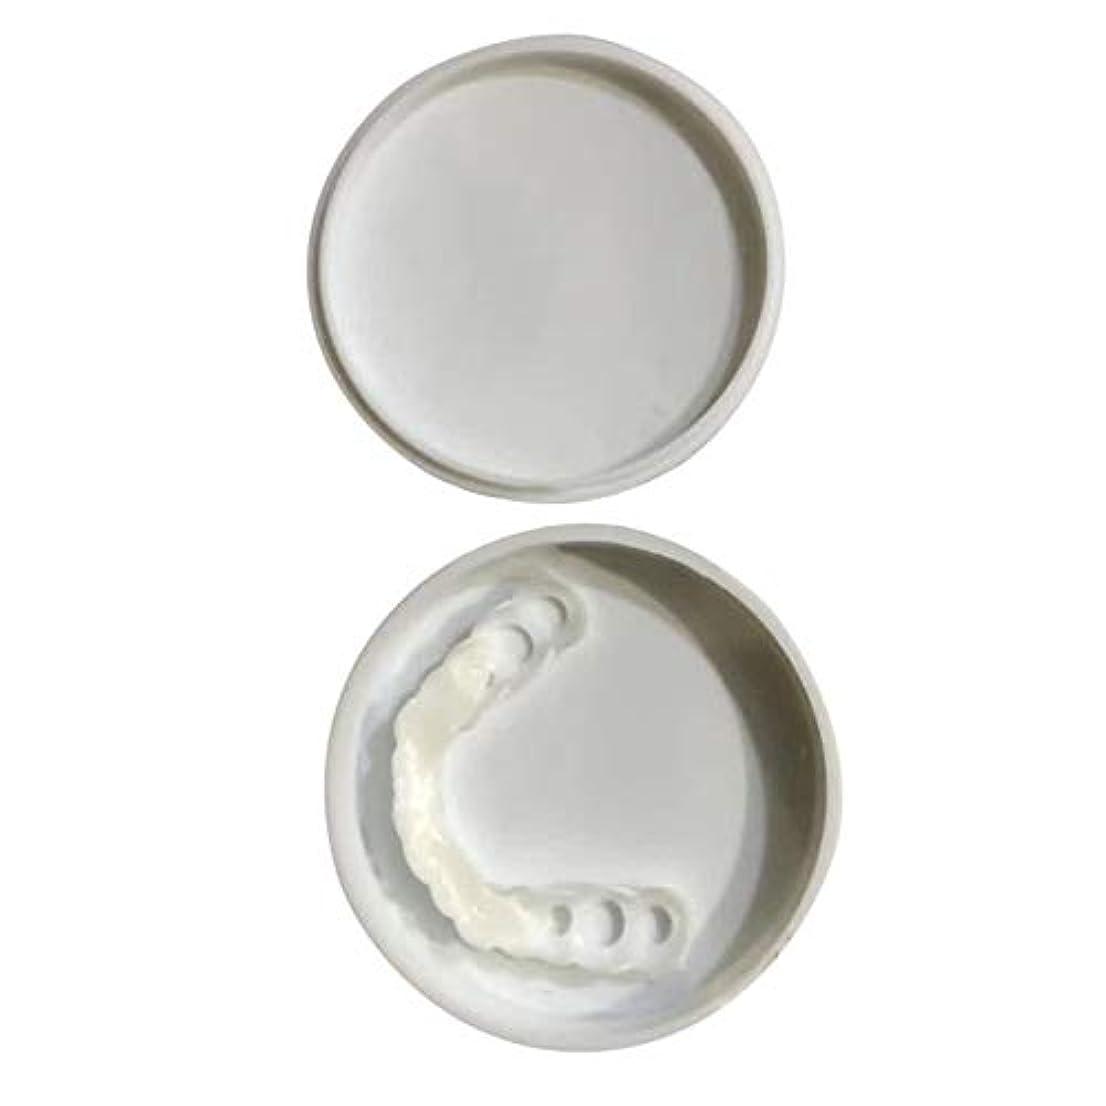 性能名前ソーセージ快適なスナップオン男性女性歯インスタントパーフェクトスマイルコンフォートフィットフレックス歯フィットホワイトニング笑顔偽歯カバー - ホワイト